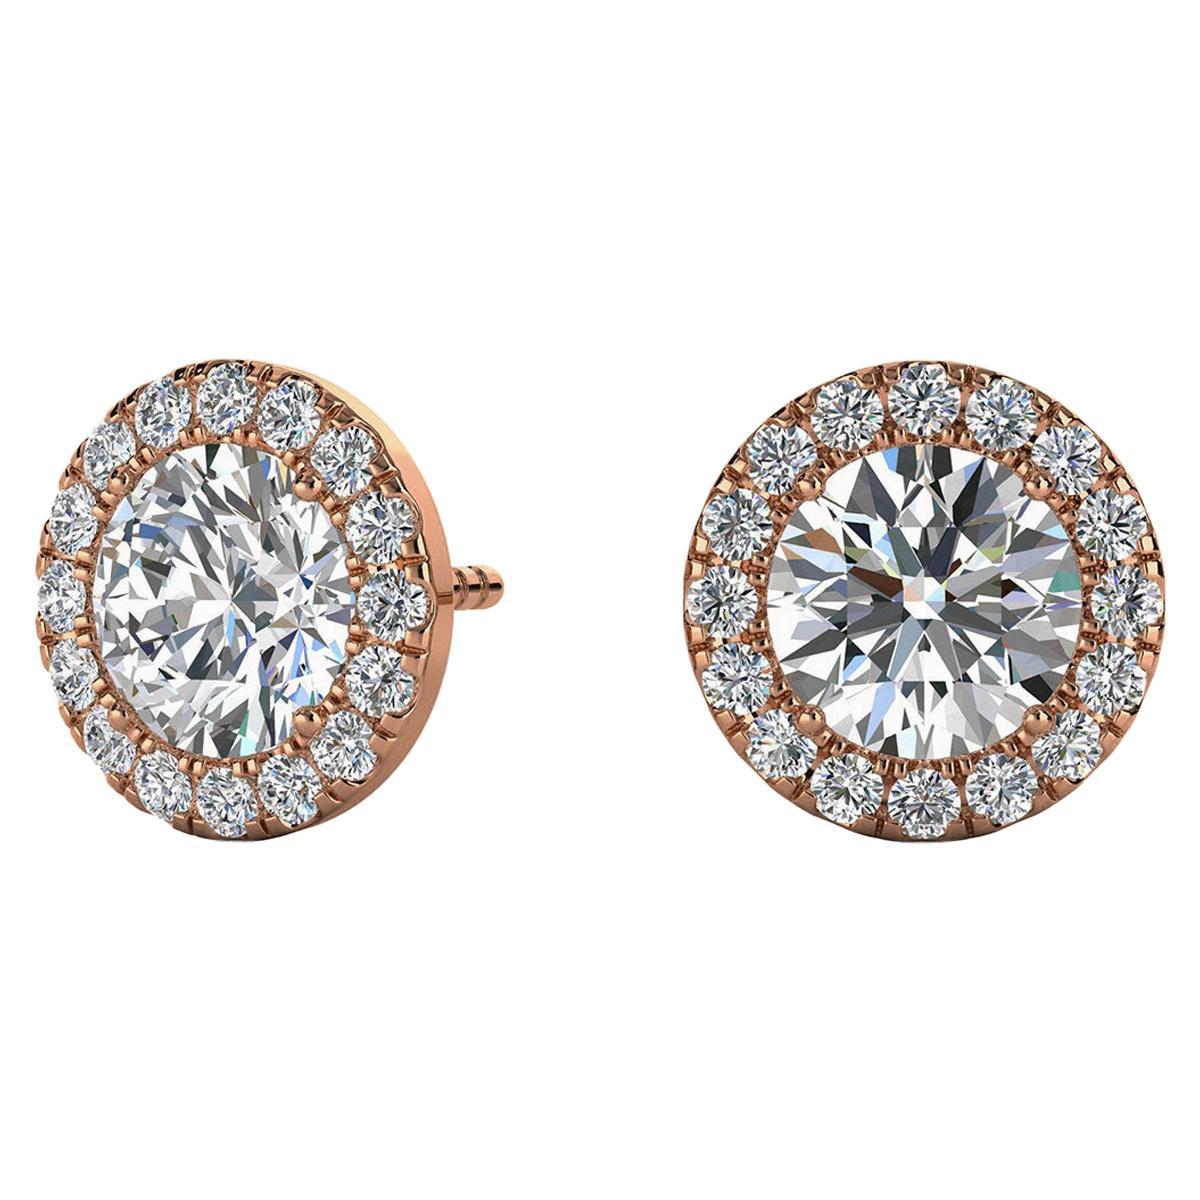 14 Karat Rose Gold Round Halo Diamond Earrings '1 2/5 Carat'